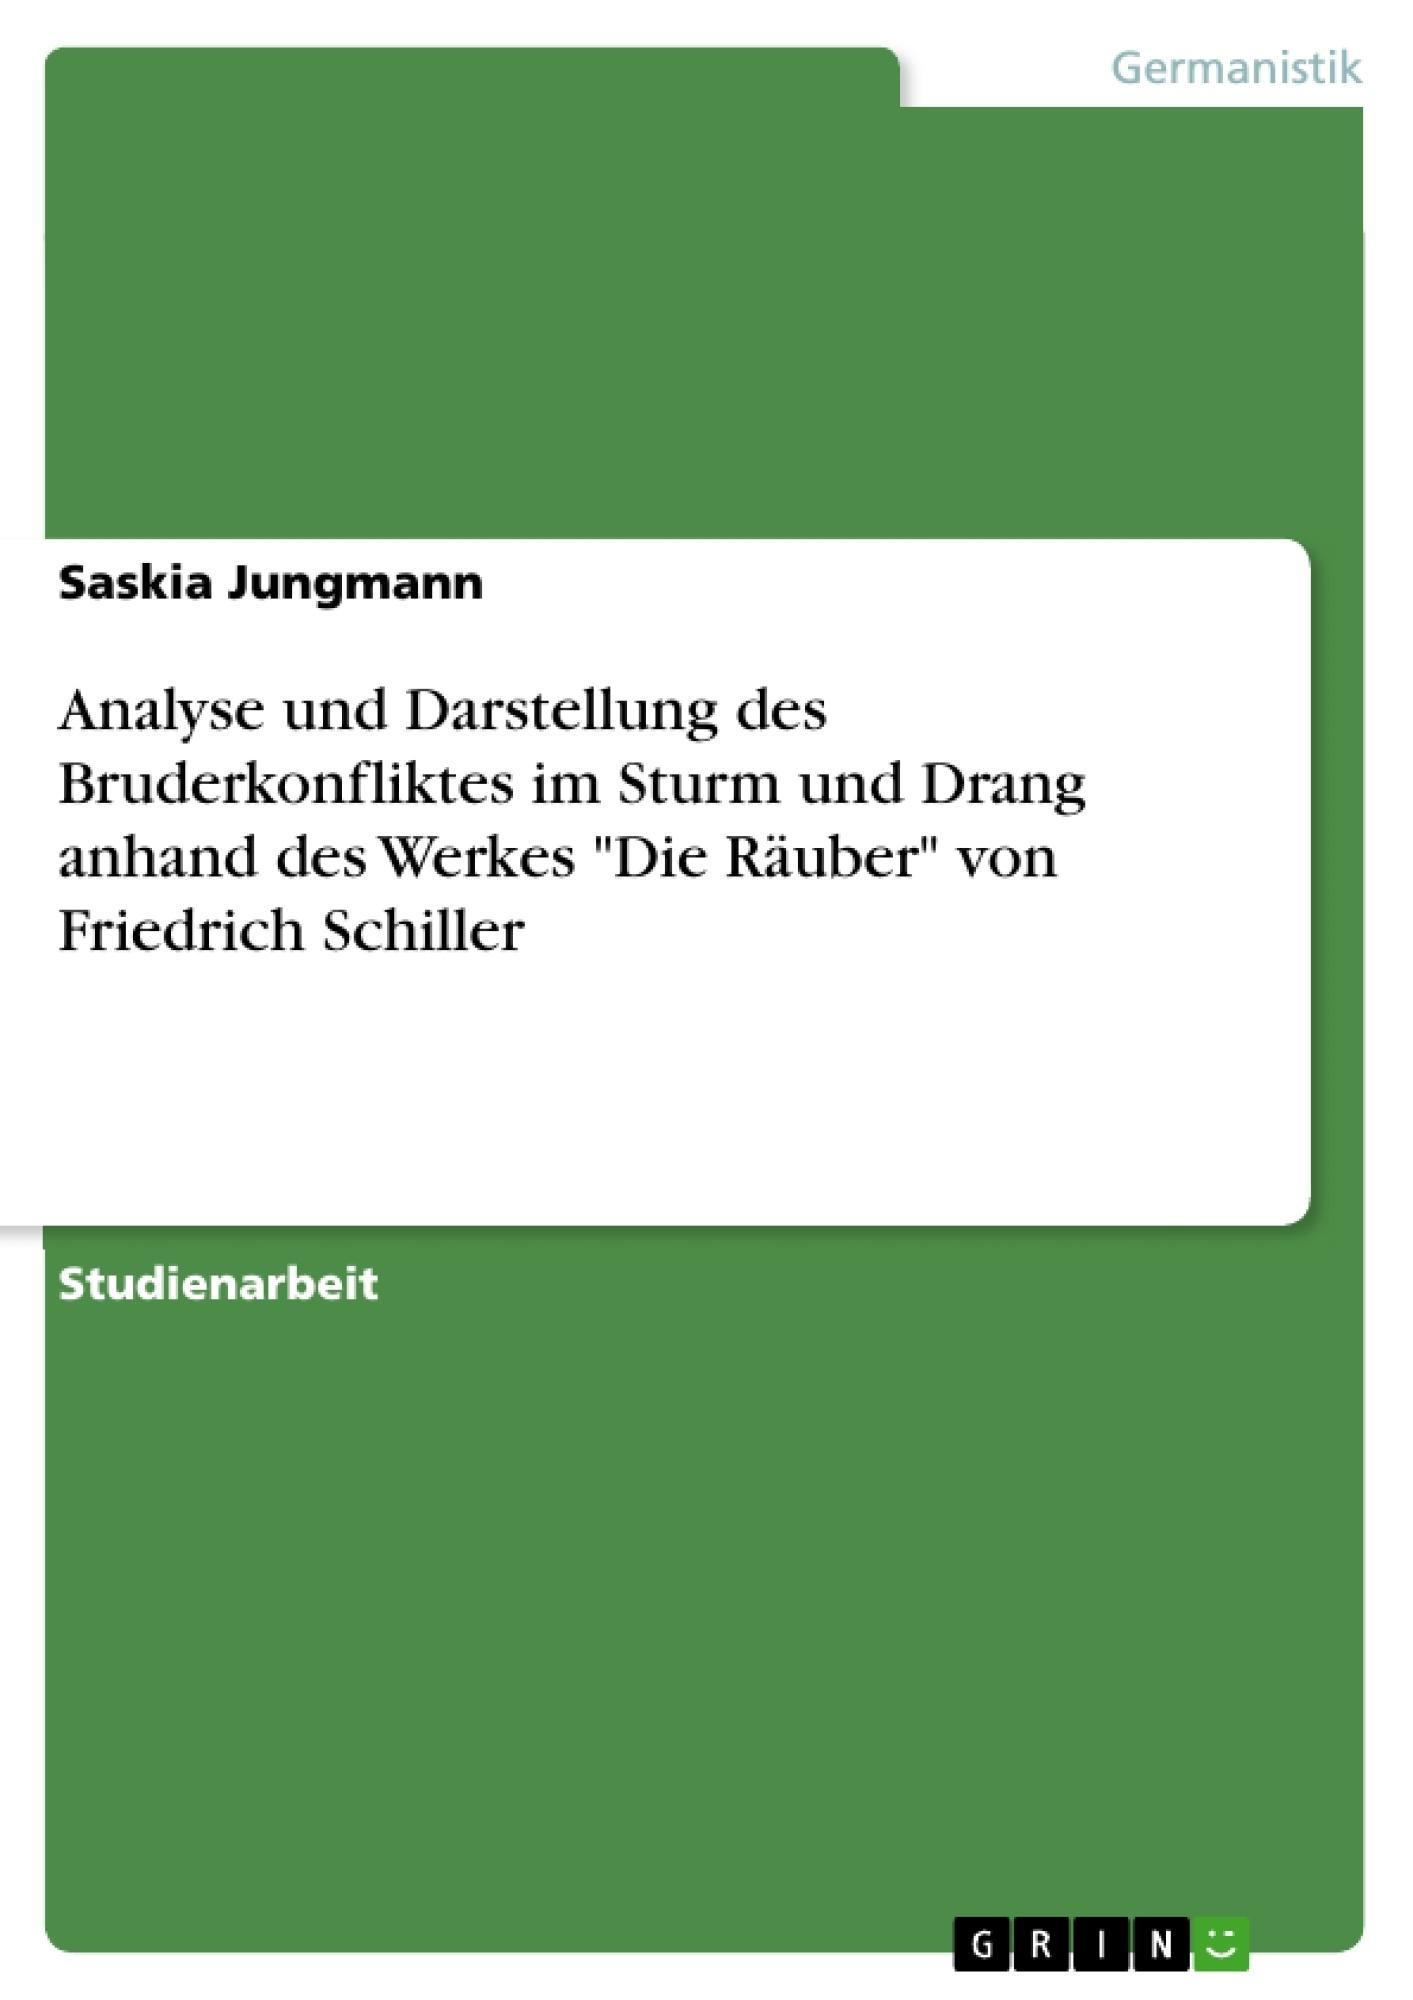 """Titel: Analyse und Darstellung des Bruderkonfliktes im Sturm und Drang anhand des Werkes """"Die Räuber"""" von Friedrich Schiller"""